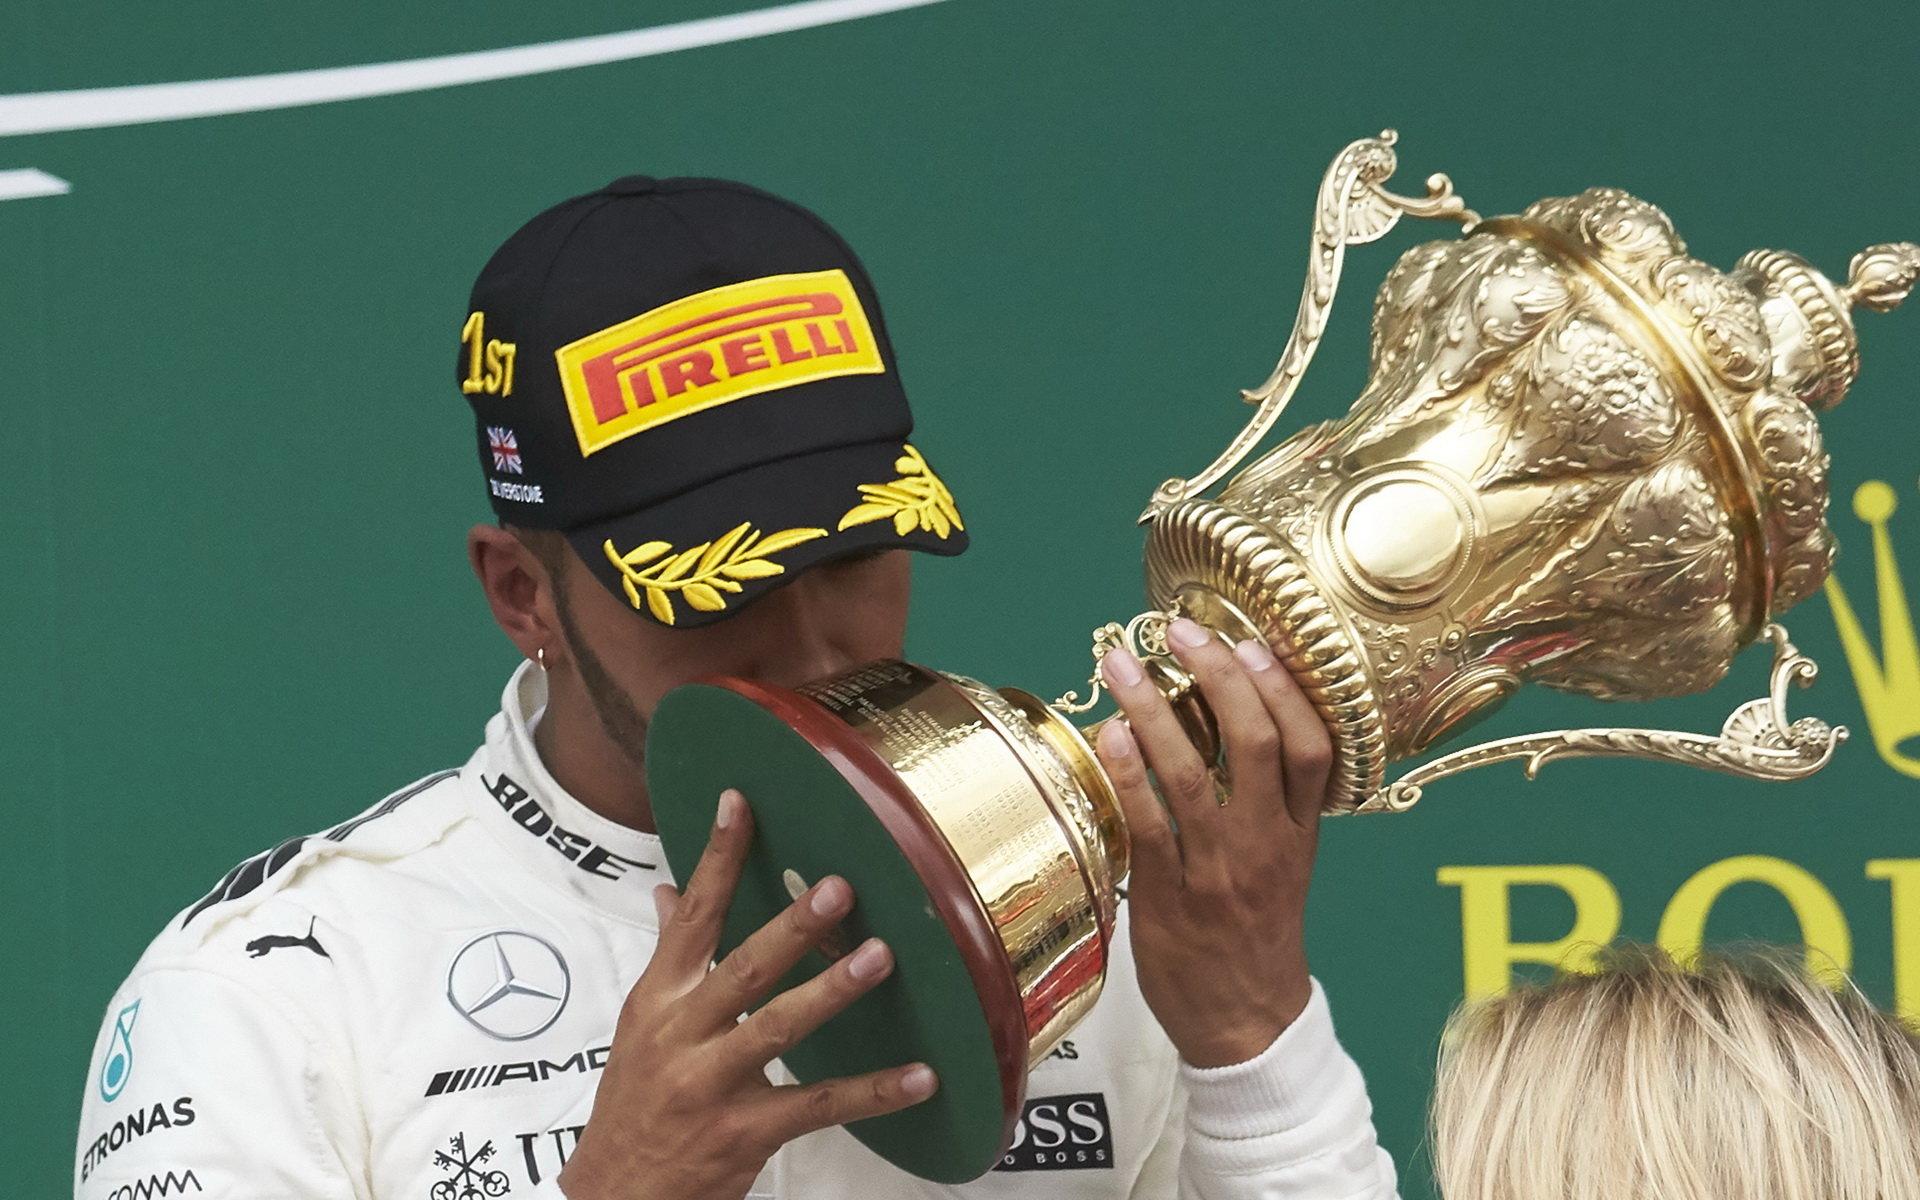 Lewis Hamilton se svou trofejí na pódiu po závodě v Silverstone